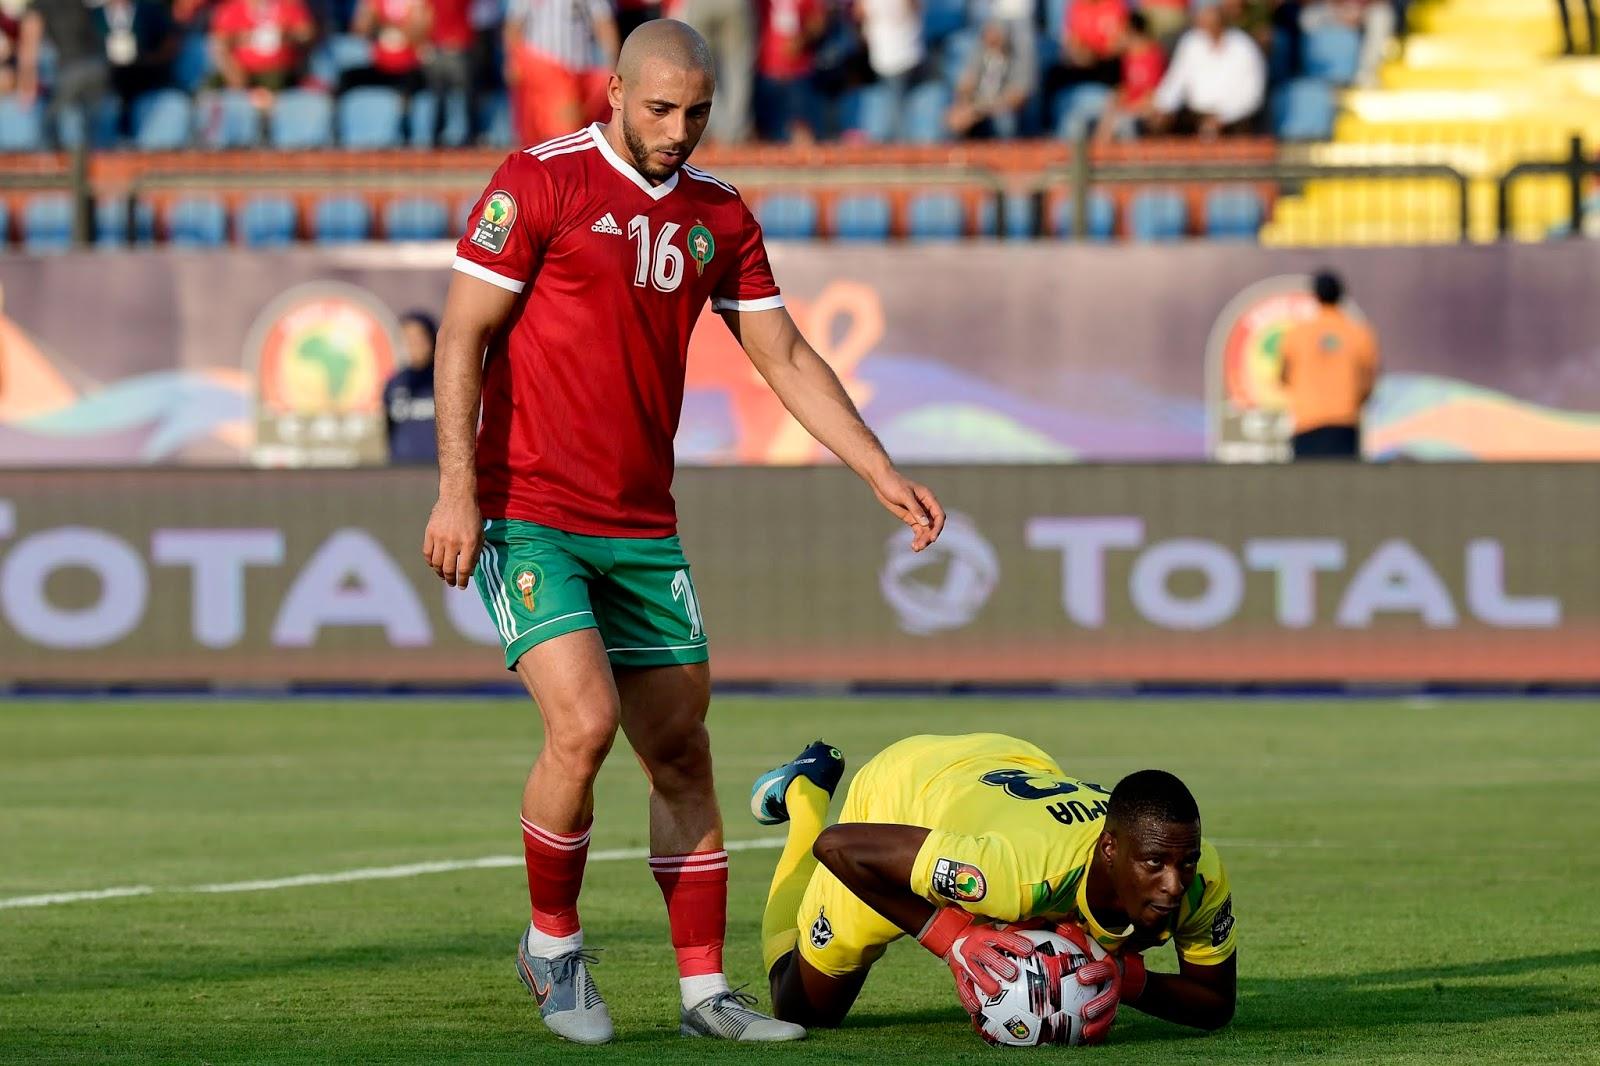 نتيجة مباراة نامبيا وساحل العاج بتاريخ 01-07-2019 كأس الأمم الأفريقية